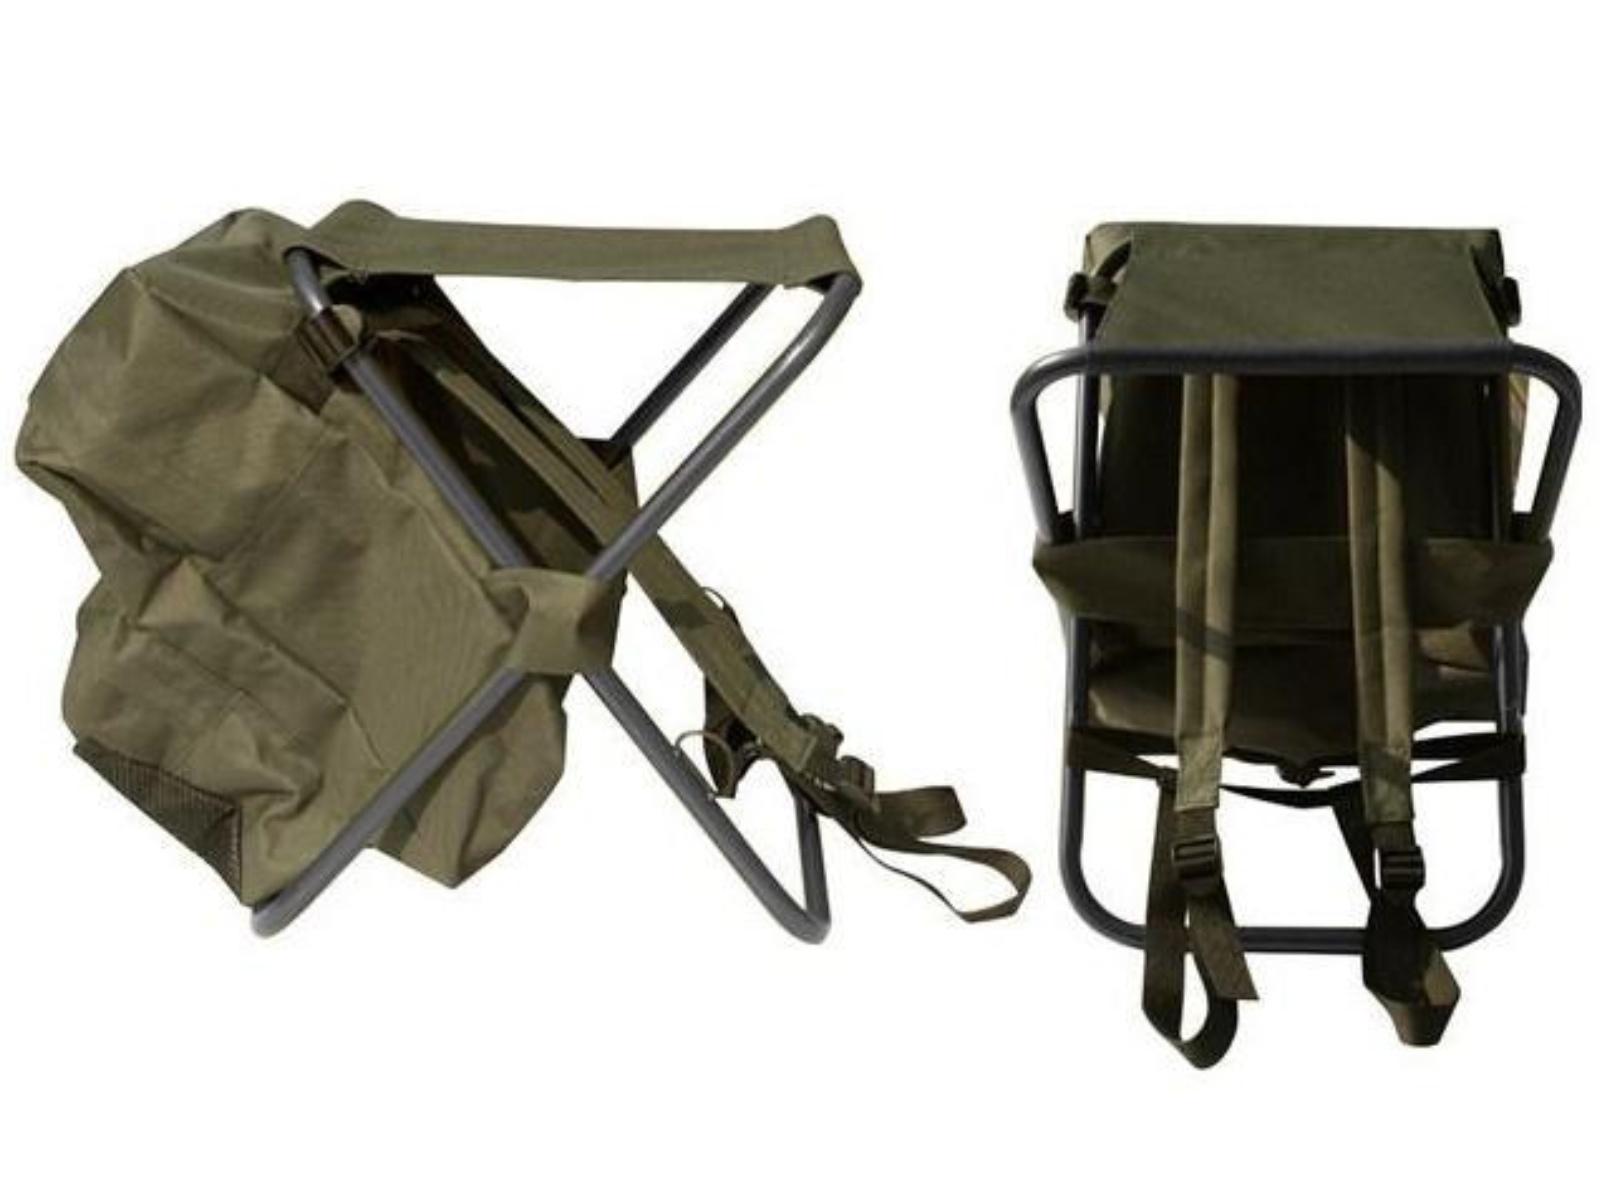 Kempingová skládací židle SEDCO s batohem